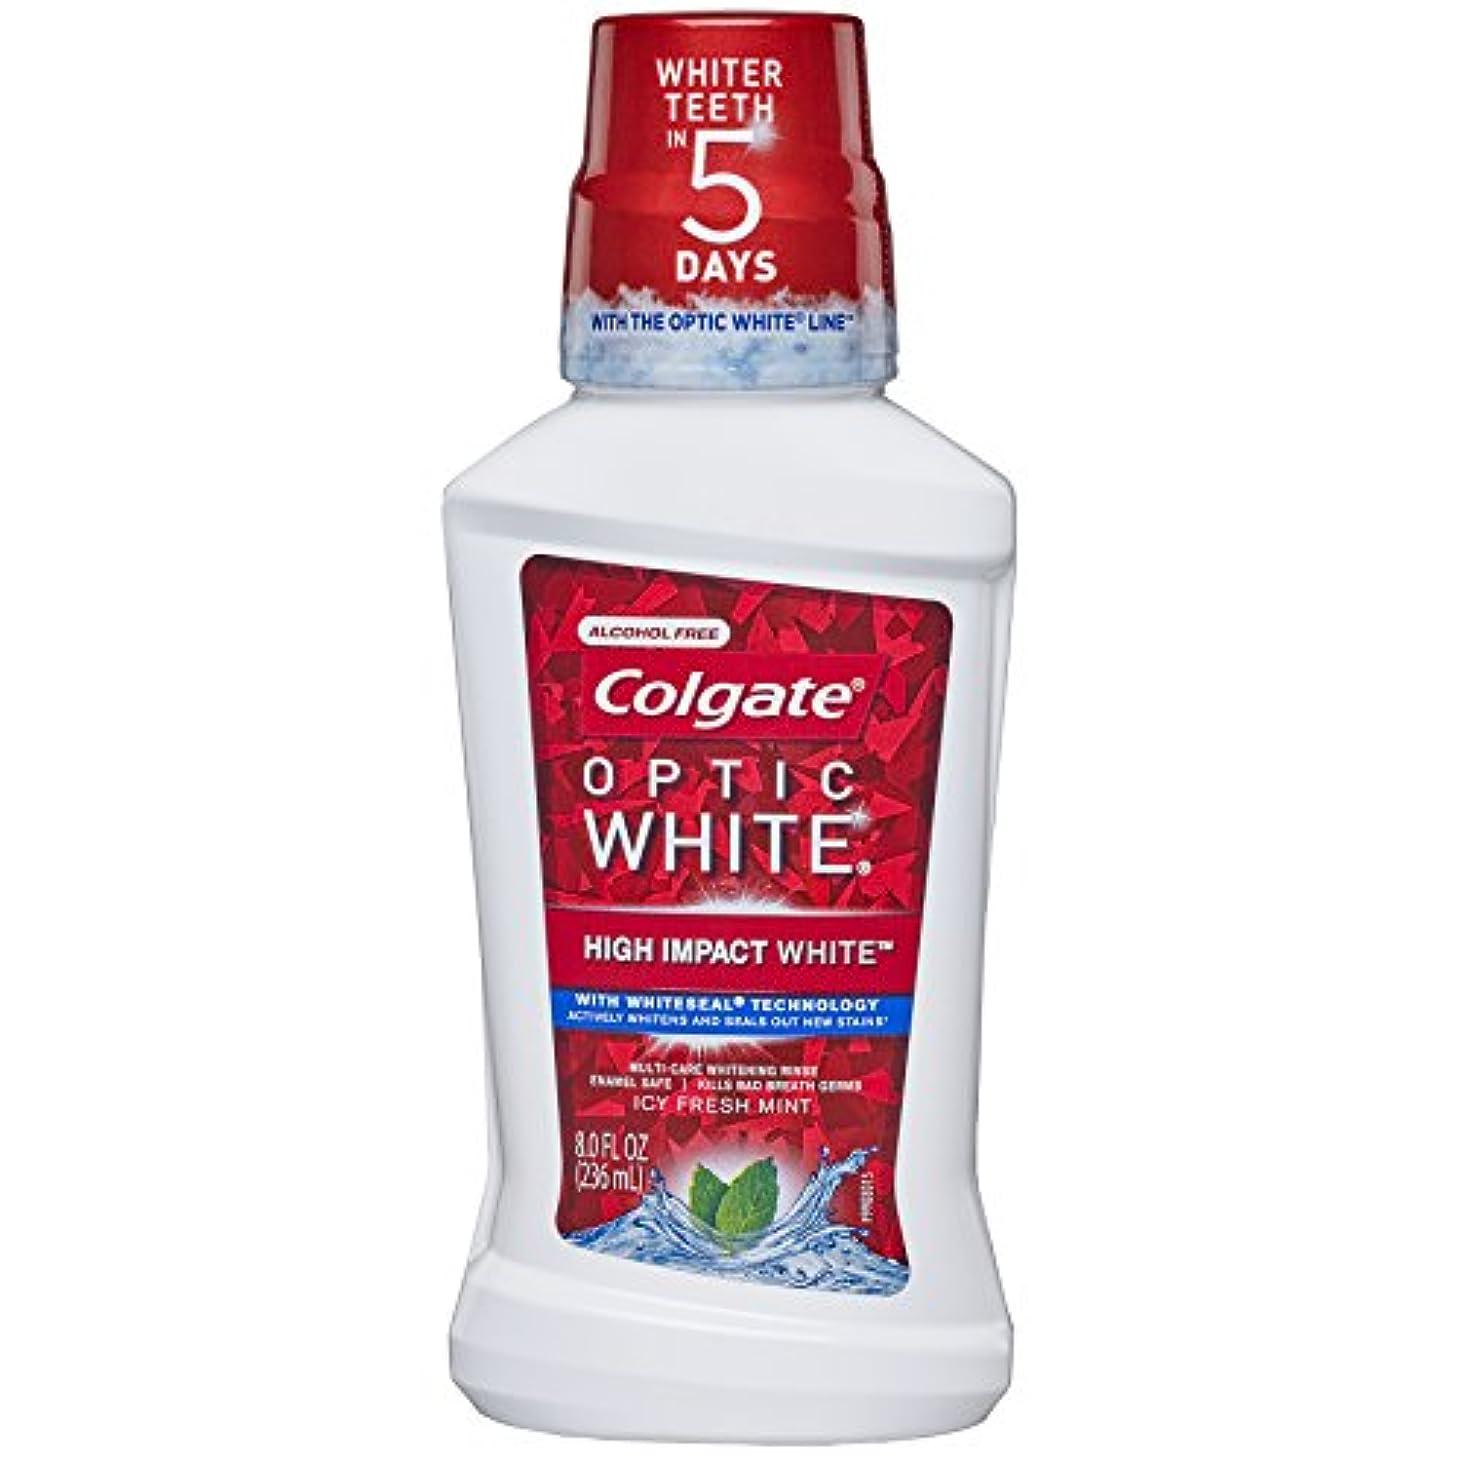 ゆるくリフレッシュ消費するColgate オプティックホワイトホワイトニングマウスウォッシュ、アイシーミント、8液量オンス(6パック)